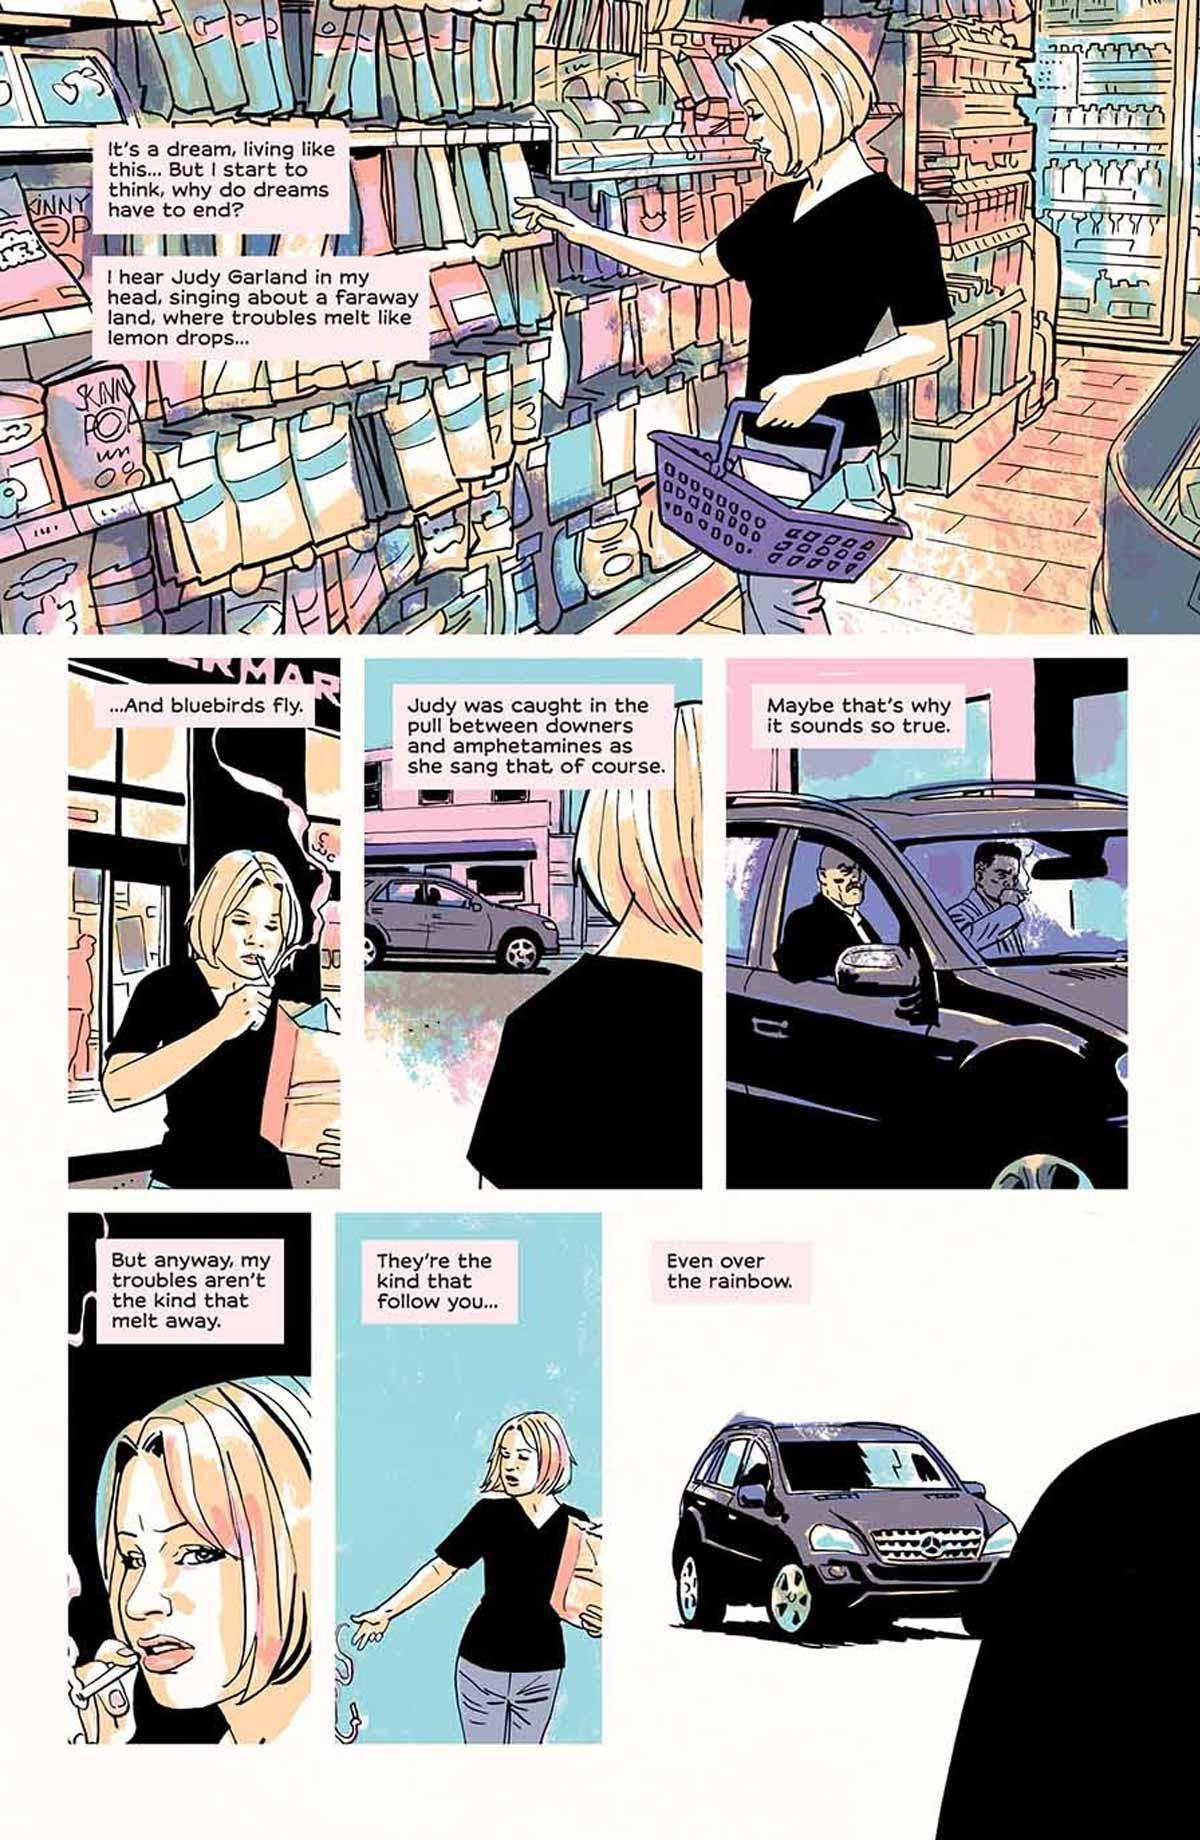 Golem-Comics-resena-mis-heroes-siempre-han-sido-yonquis-yonkis-05